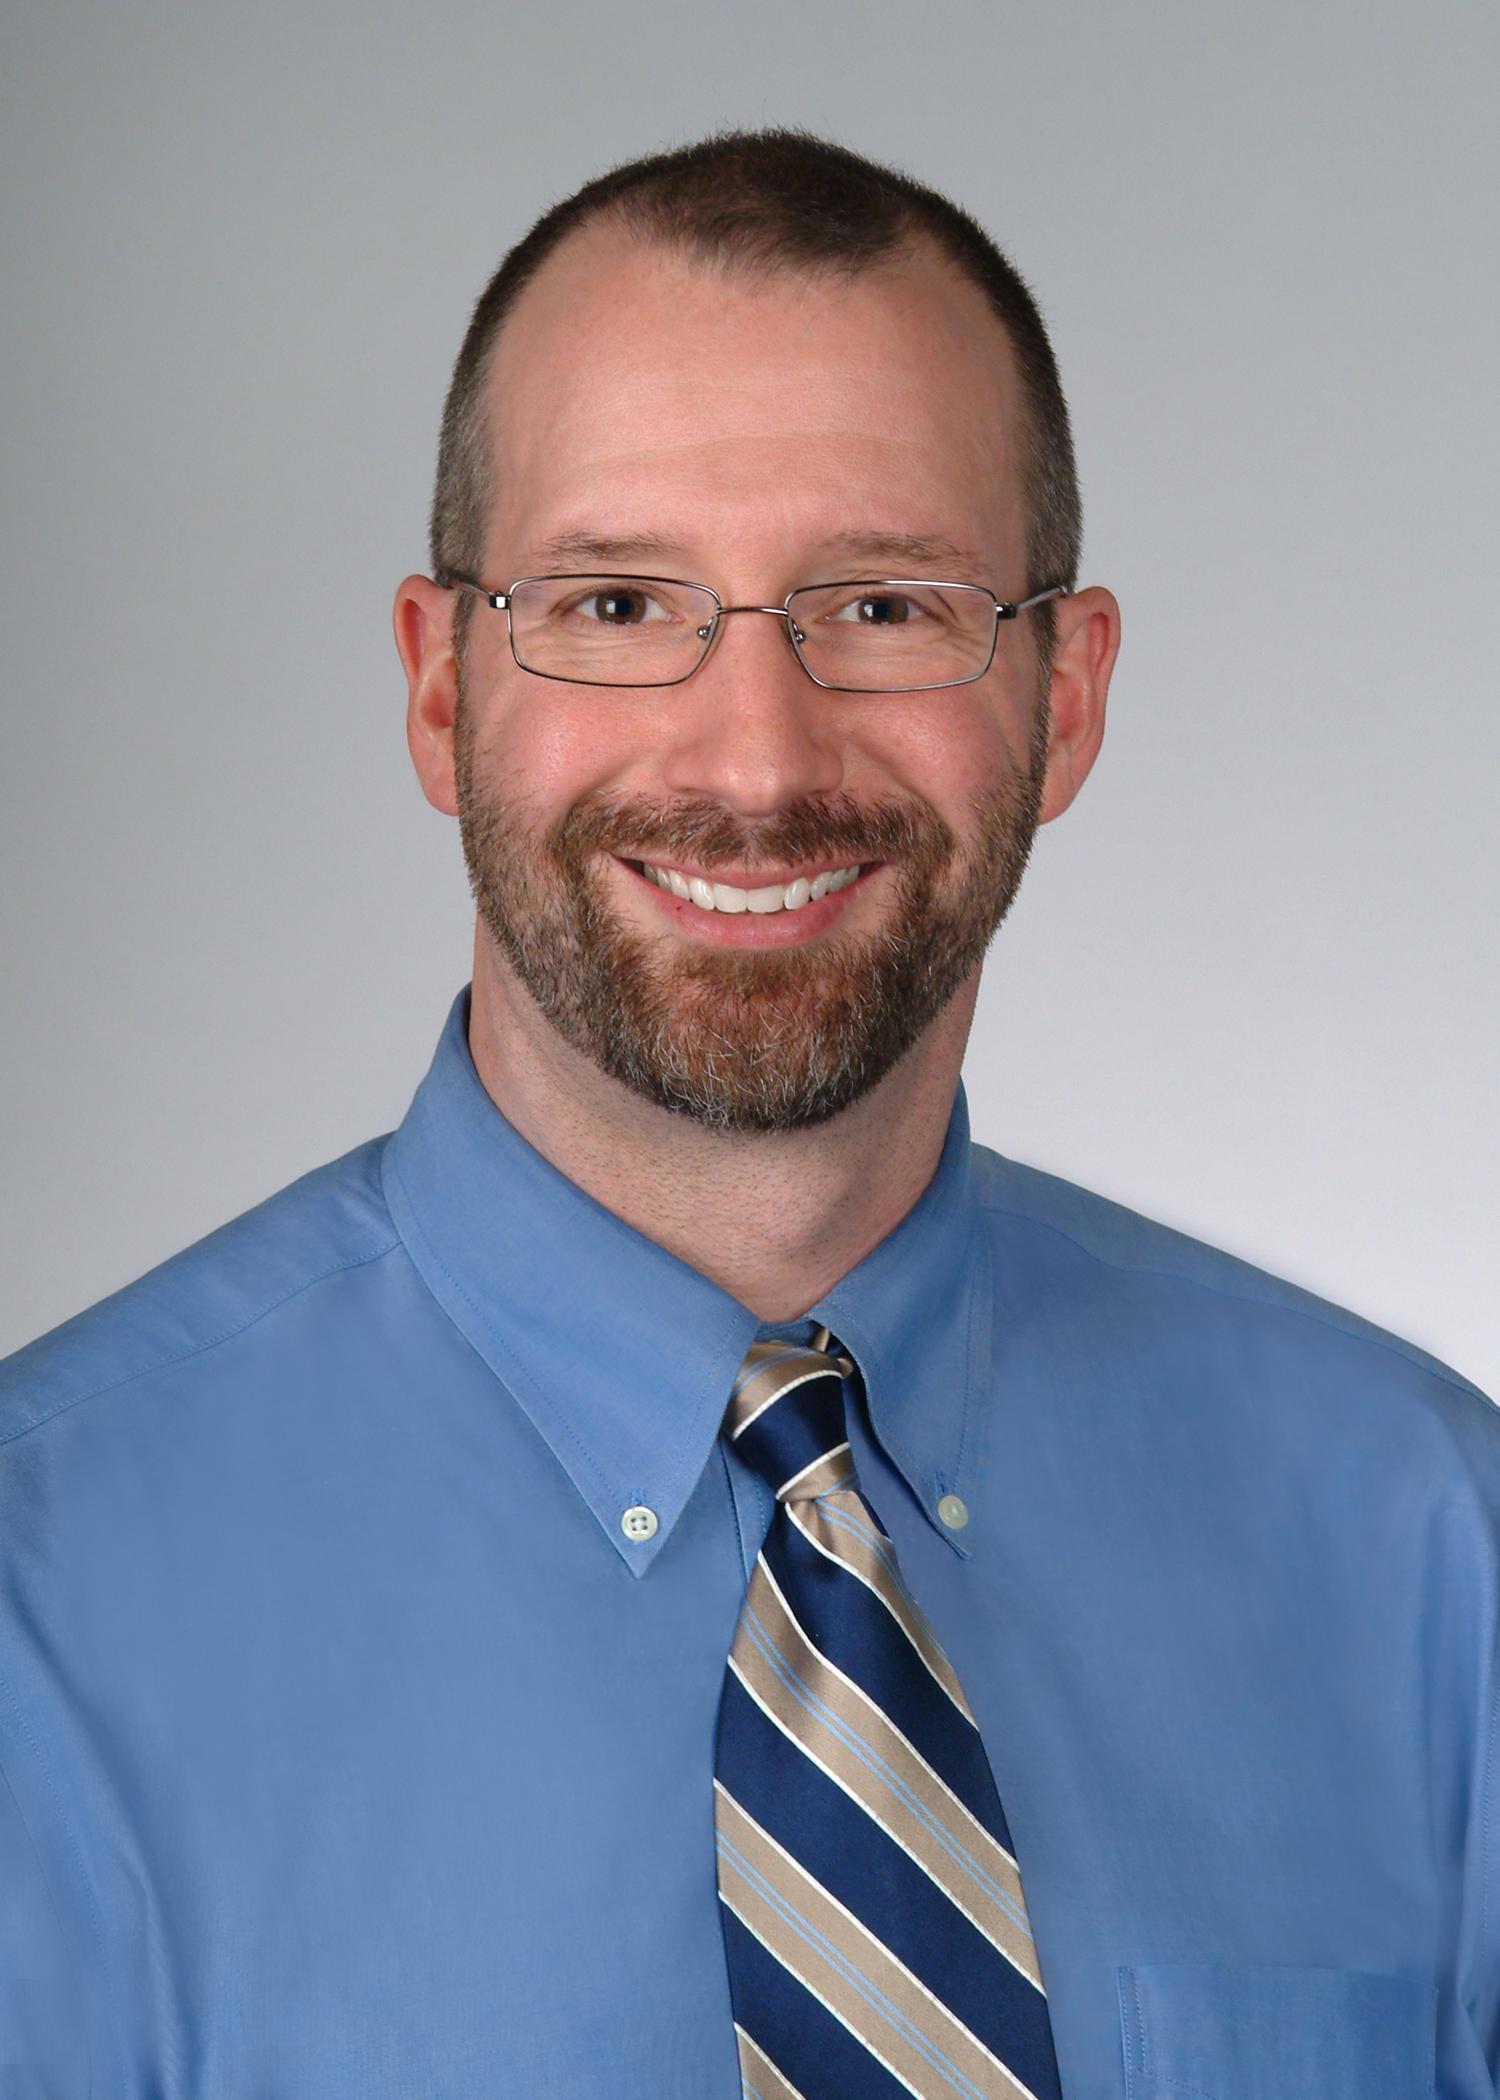 Steven D Mcswain MPH